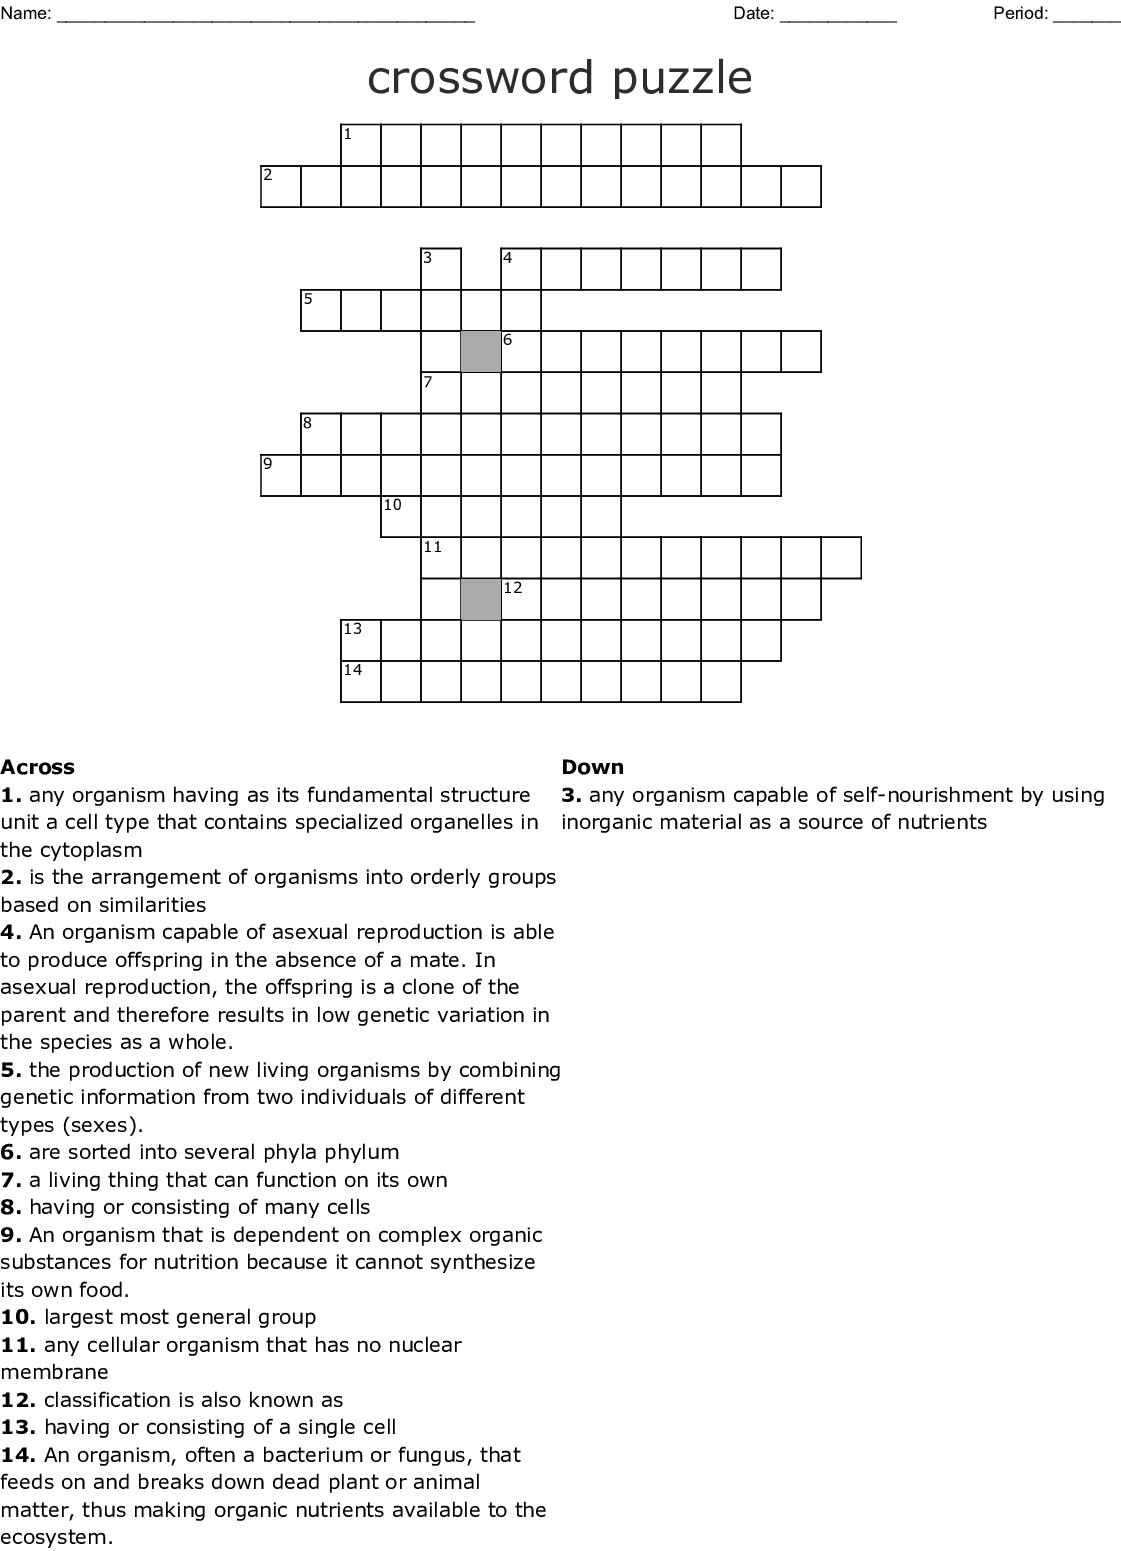 crossword puzzle - WordMint